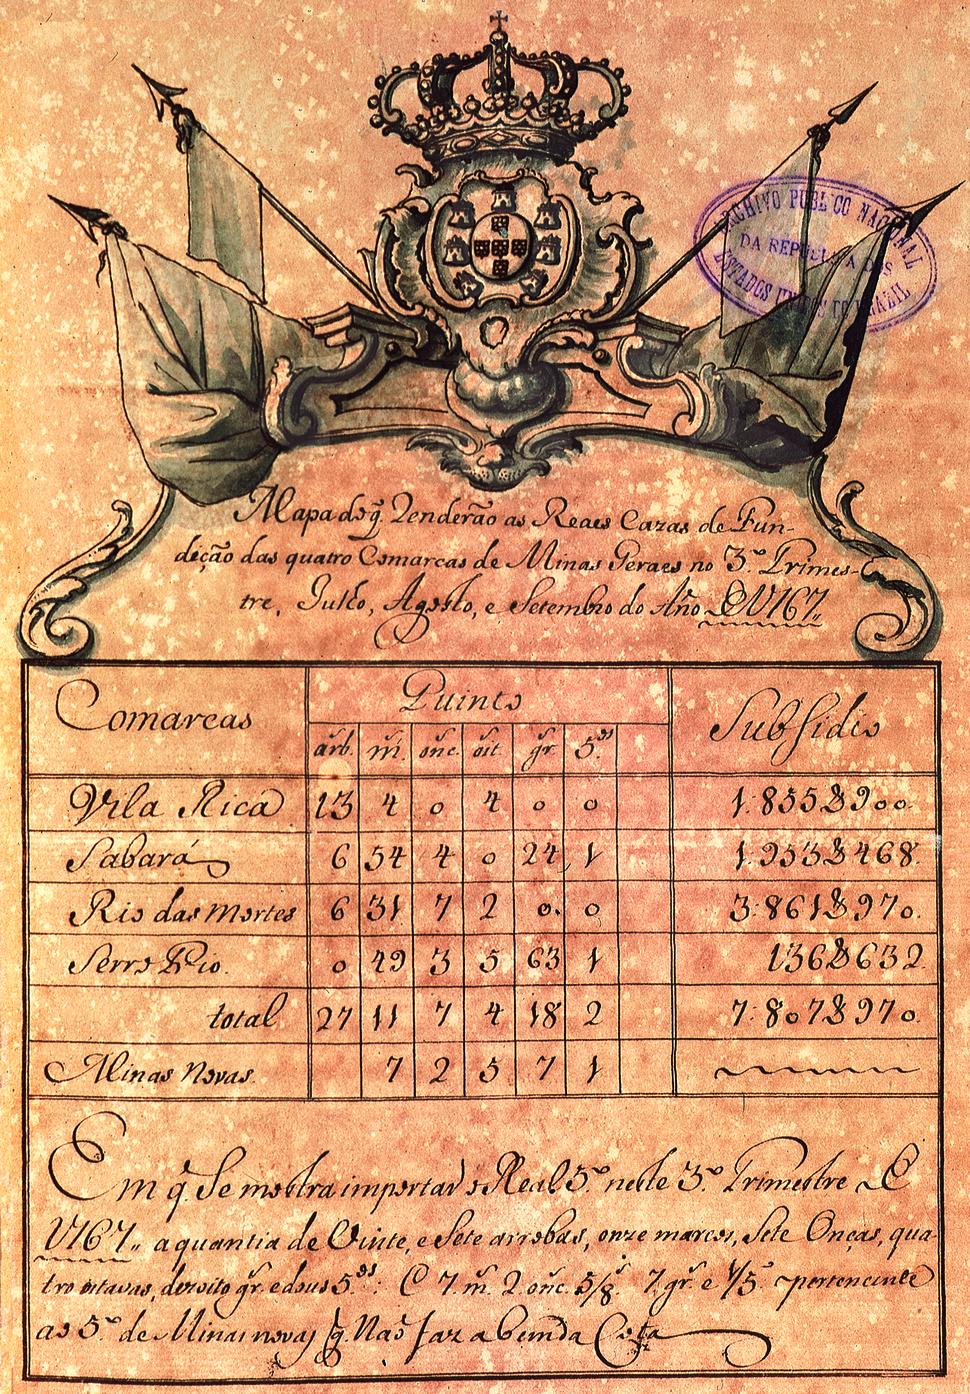 Mapa de rendimento do ouro nas Reais Casas de Fundição em Minas Gerais, entre julho e setembro de 1767.